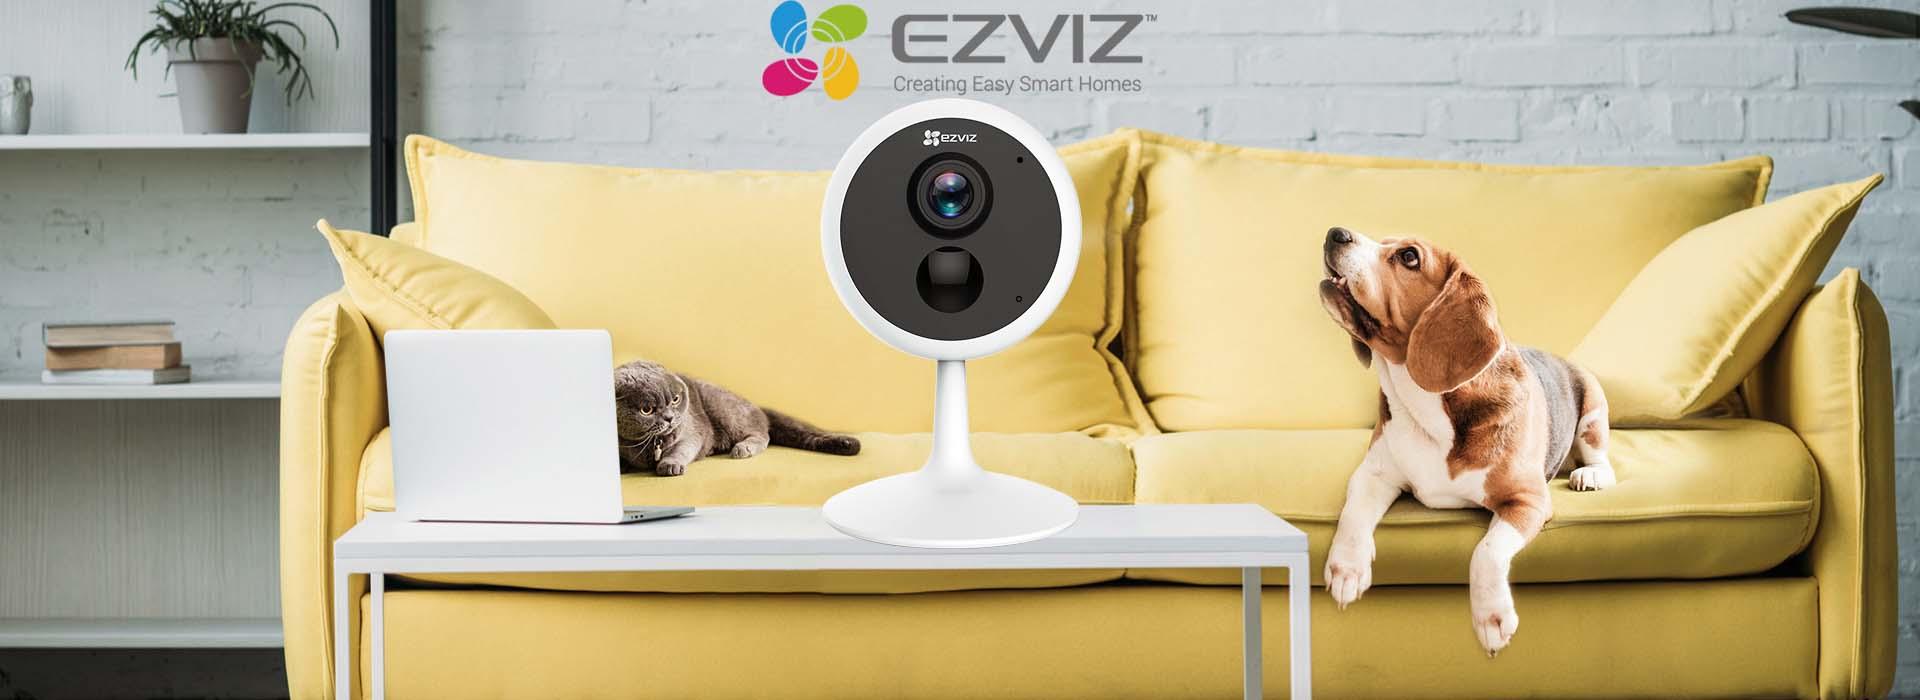 Системы видеонаблюдения EZVIZ